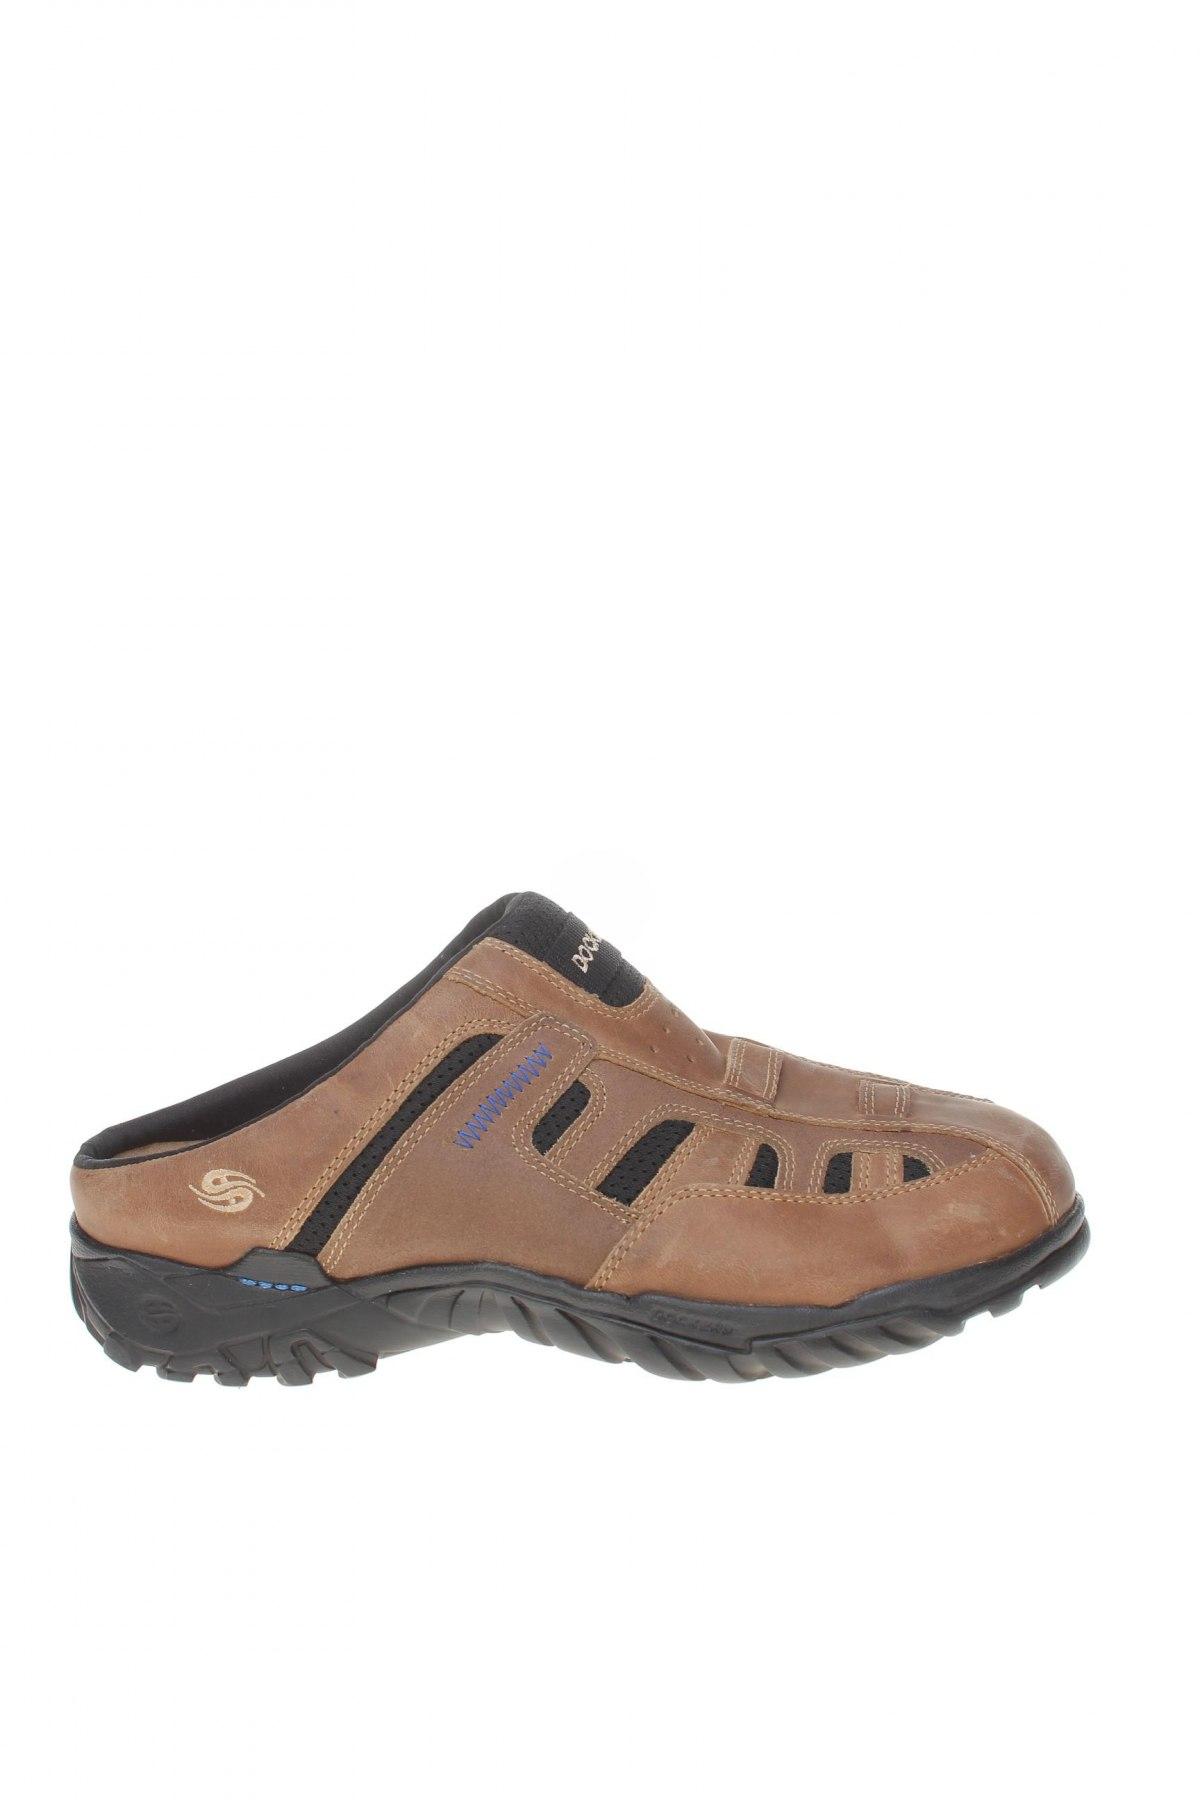 Ανδρικά παπούτσια Dockers by Gerli, Μέγεθος 41, Χρώμα Καφέ, Γνήσιο δέρμα, κλωστοϋφαντουργικά προϊόντα, Τιμή 42,14€